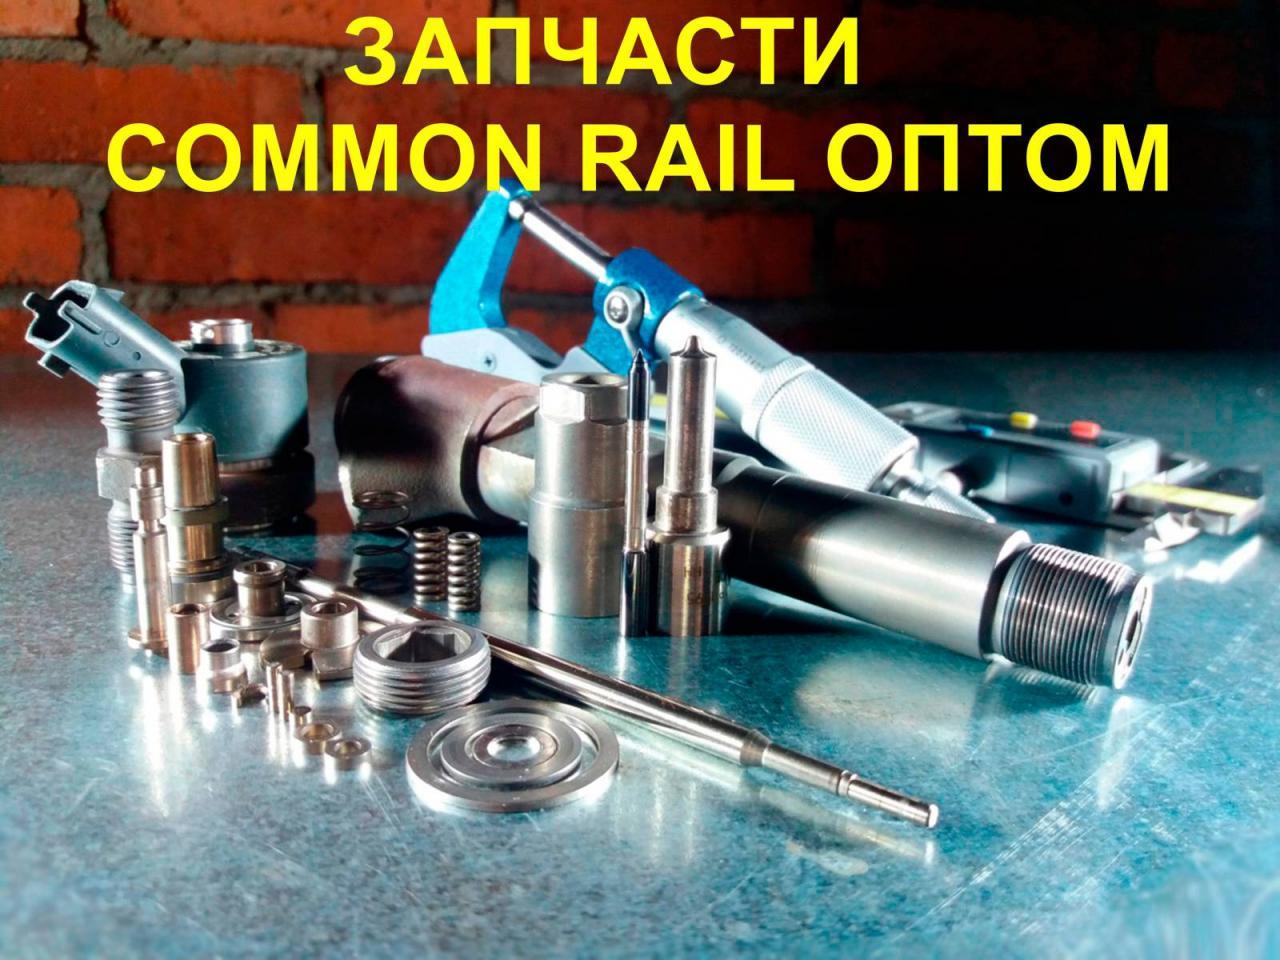 Распылители, клапана форсунок COMMON RAIL в России ОПТОМ | фото 1 из 6